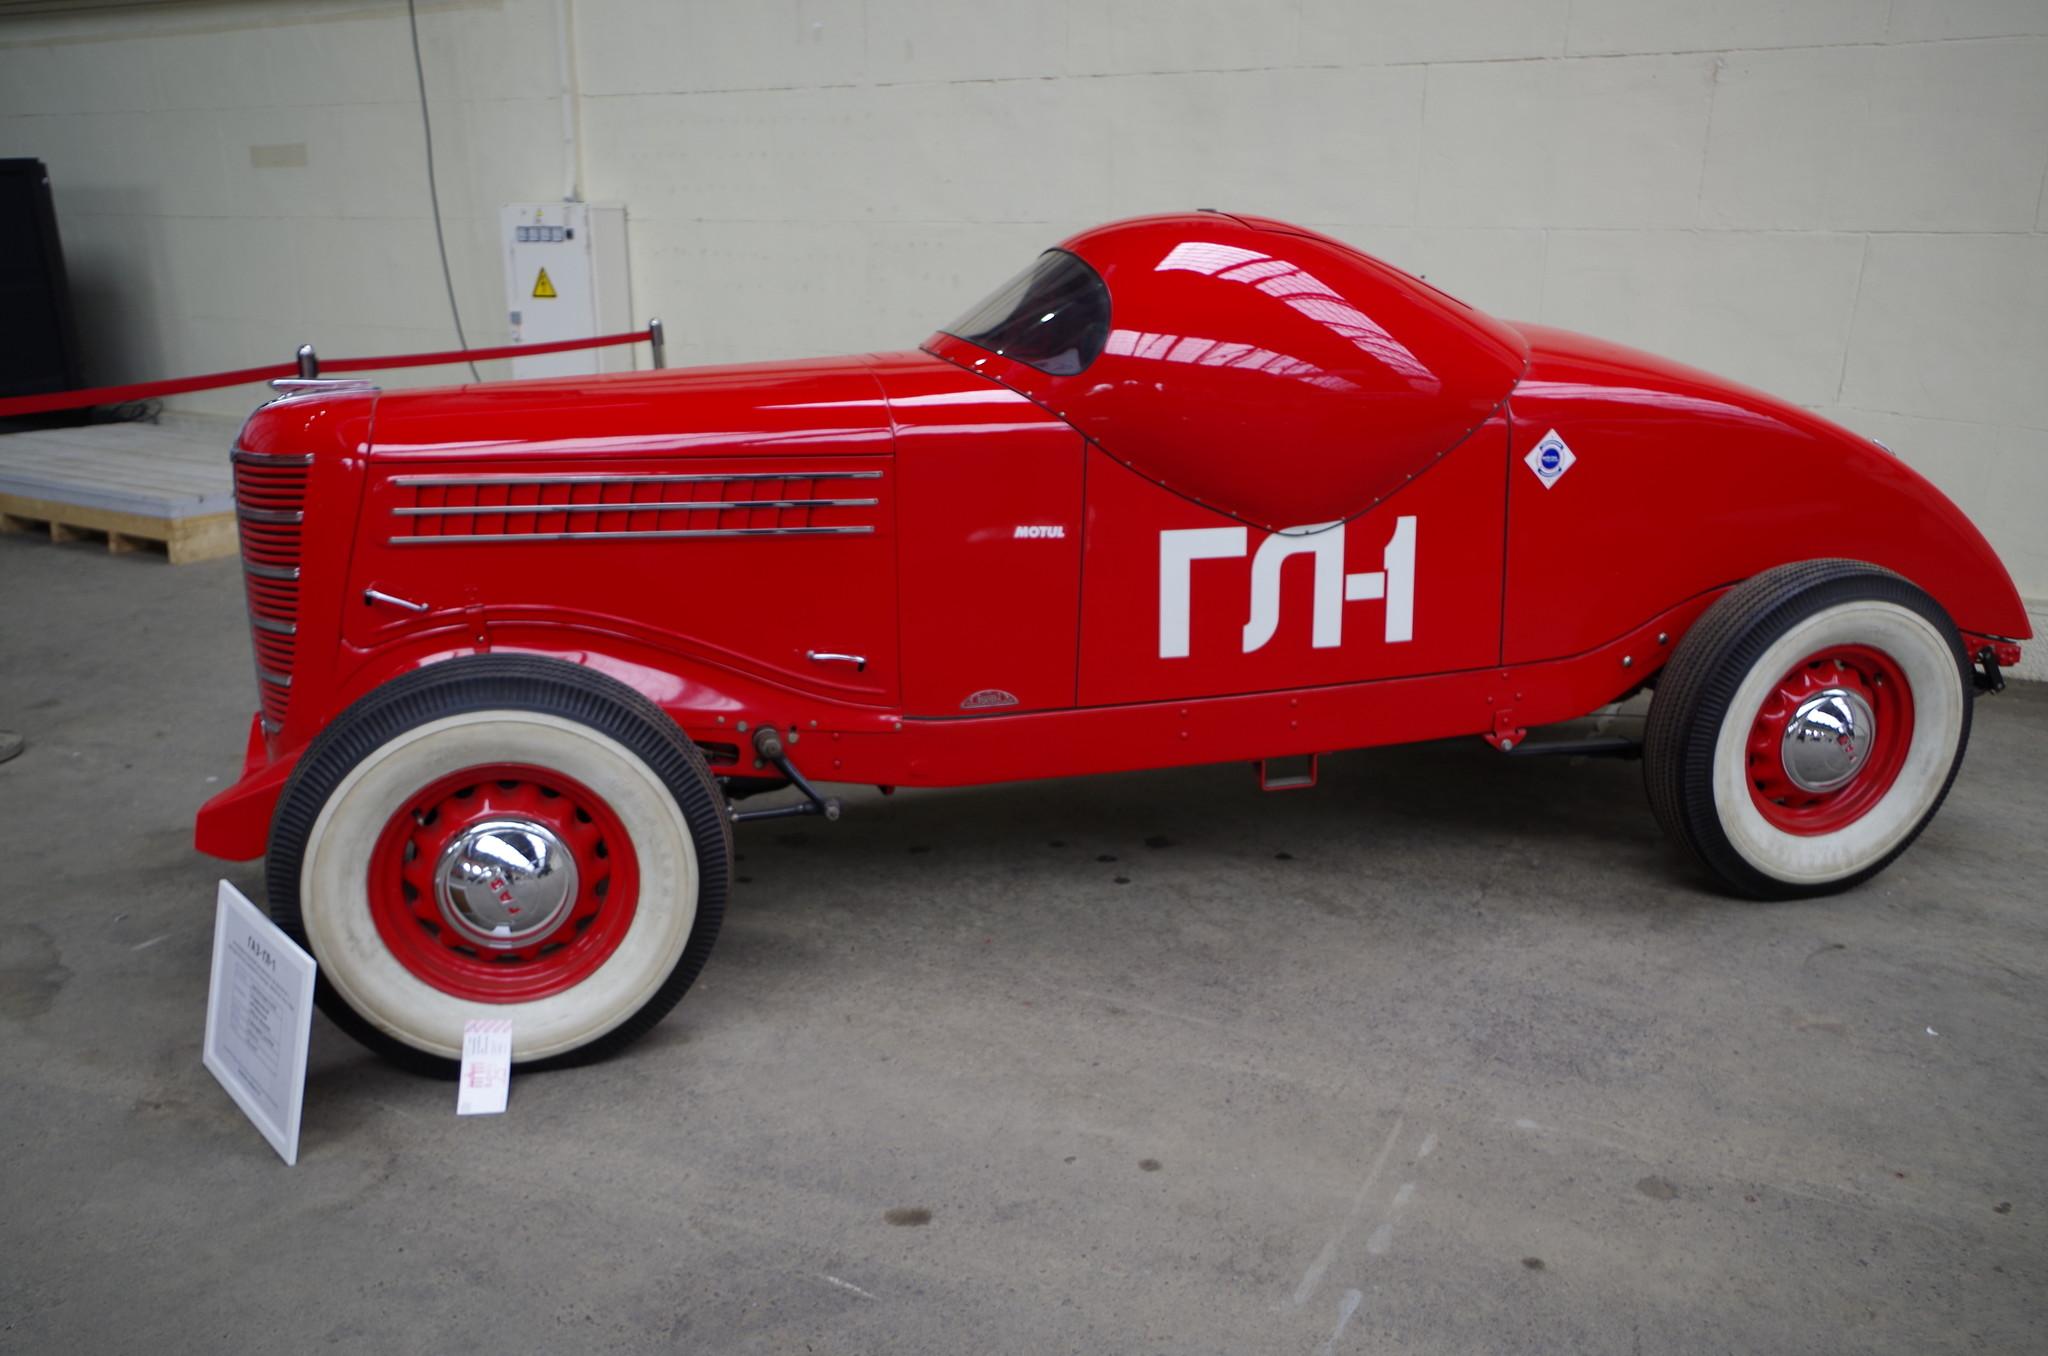 ГАЗ-ГЛ-1 — первый советский гоночный автомобиль заводской постройки